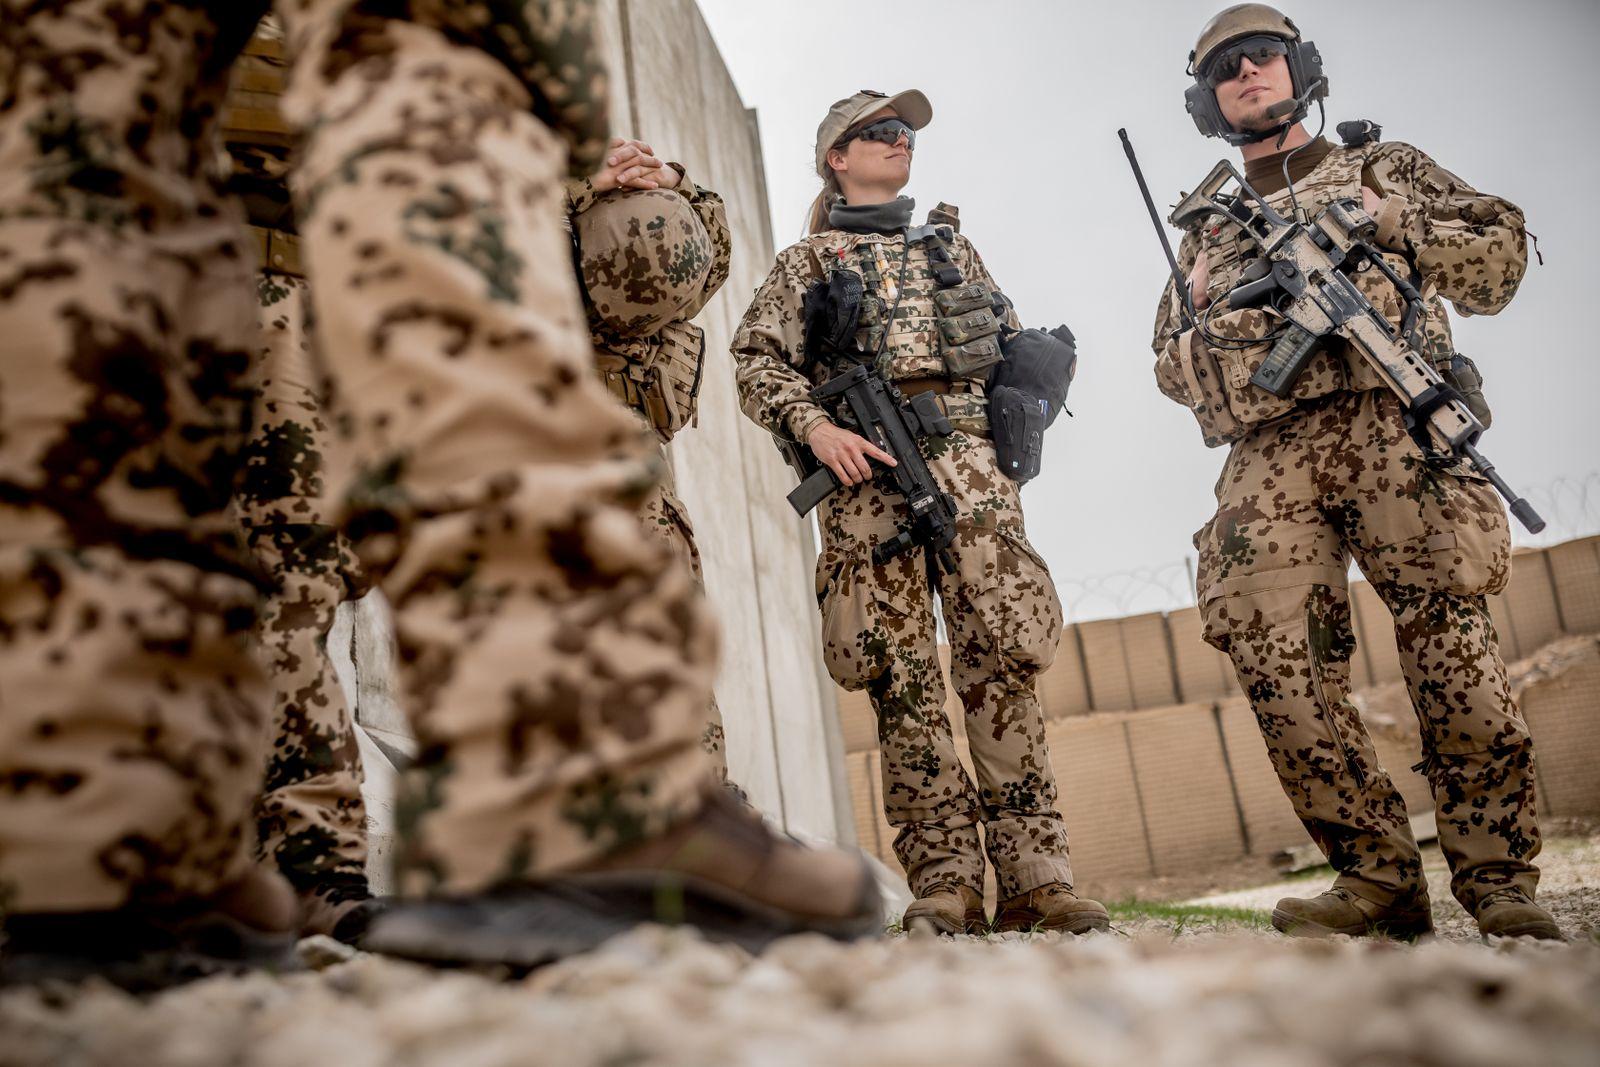 German Defence Minister Ursula von der Leyen visits troops in Afghanistan